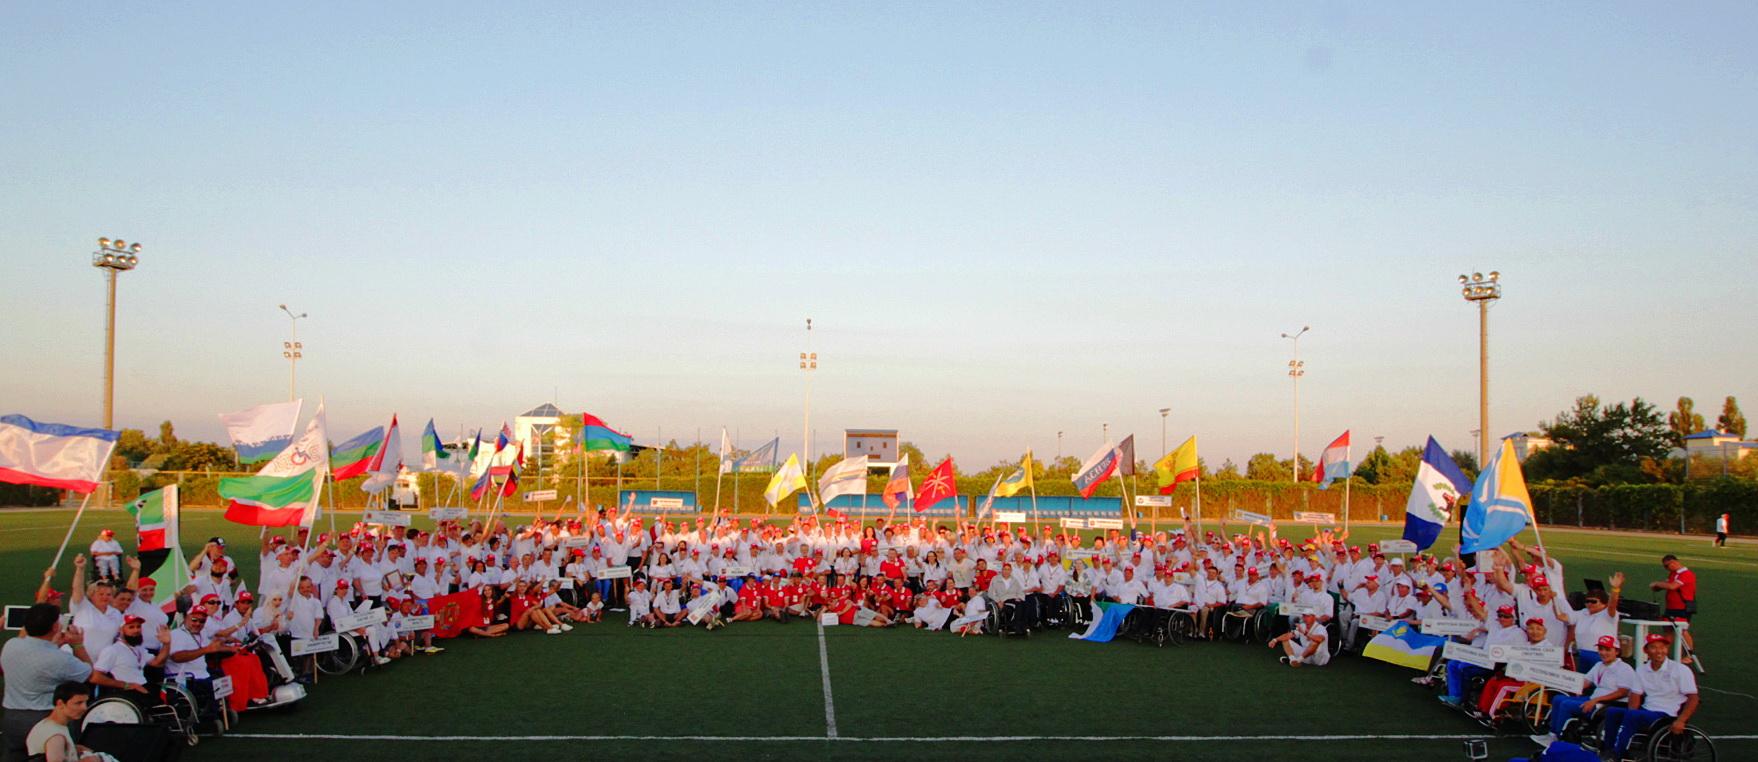 Торжественная церемония закрытия фестиваля Пара Крым 2017 и награждение участников